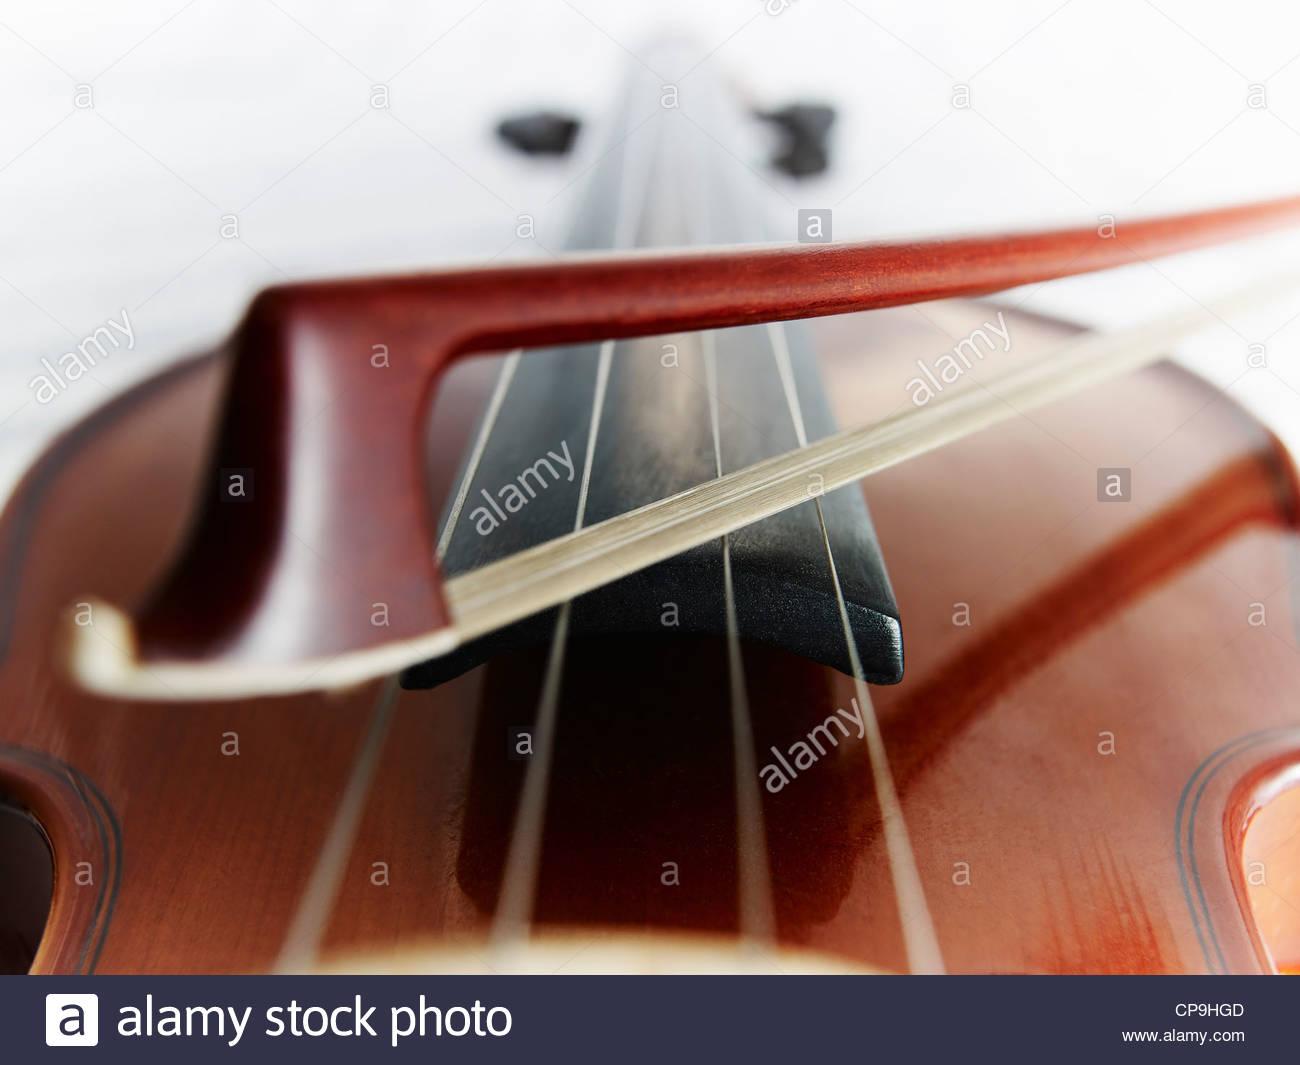 beugen, Farbe, Detail, Unterhaltung, Fokus auf Vordergrund, full-Frame, Horizontal, Instrument, niedrigen Winkel Stockbild